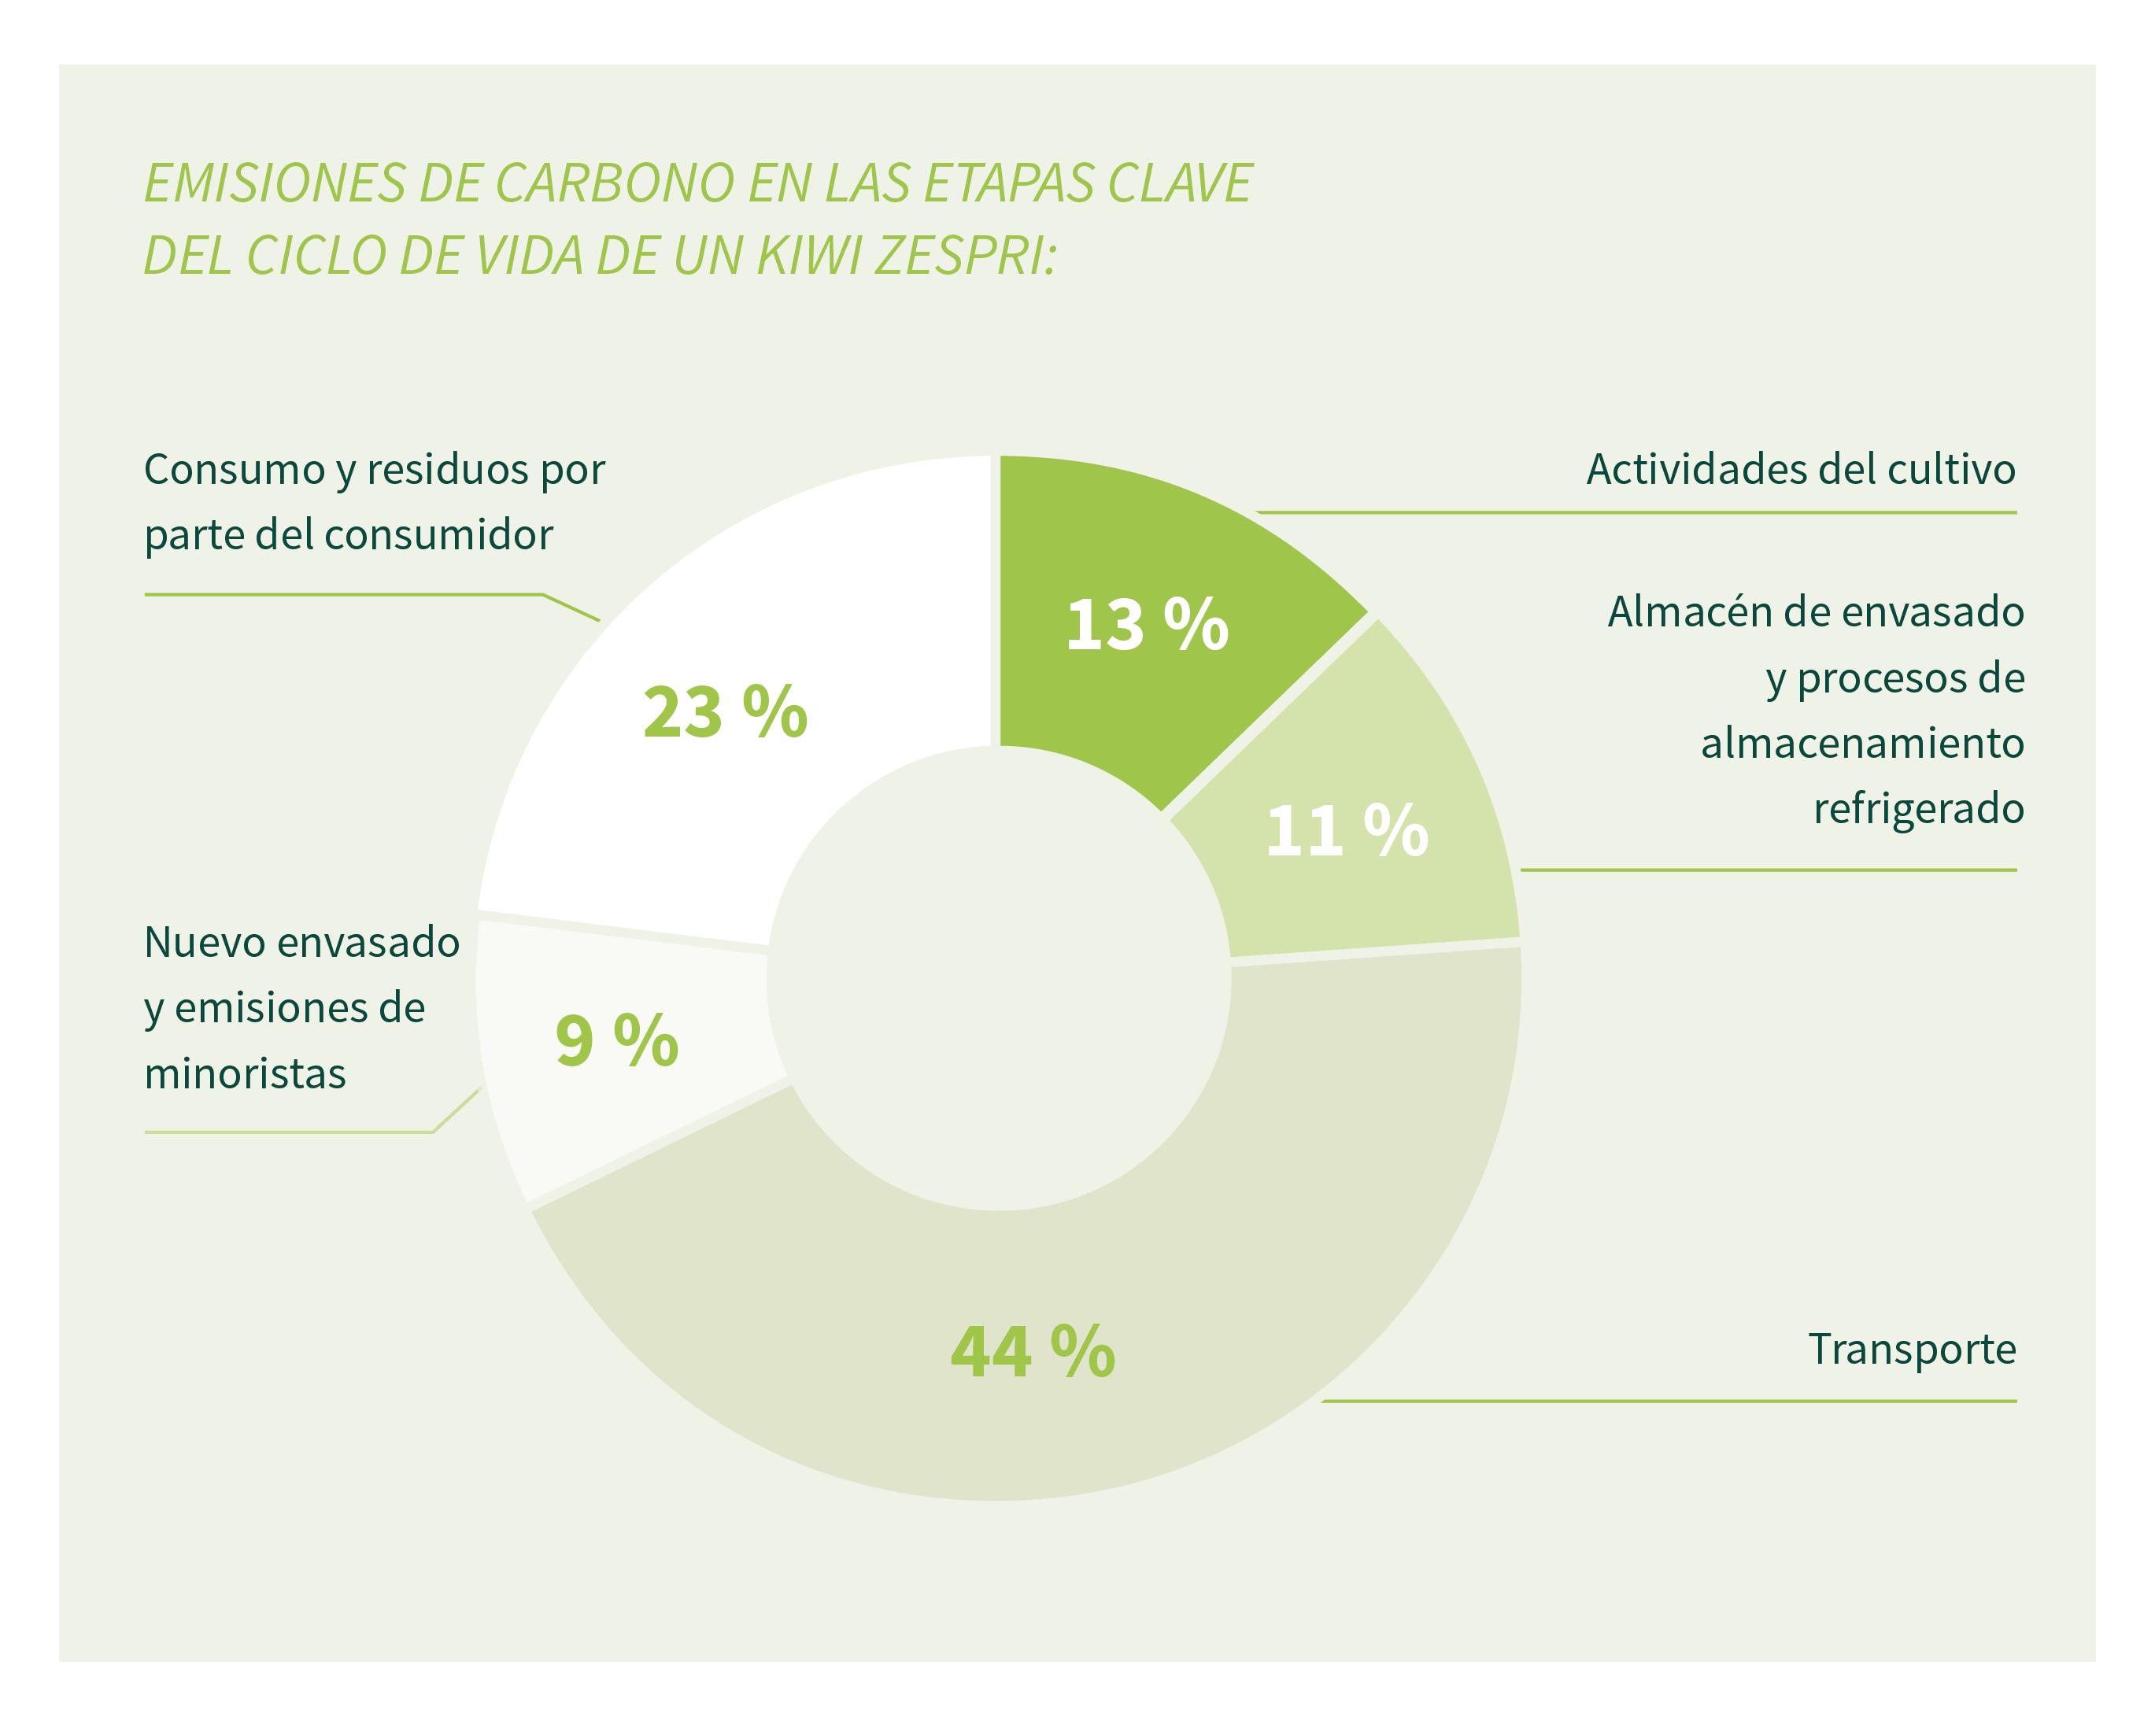 emisiones-carbono-kiwi-zespri